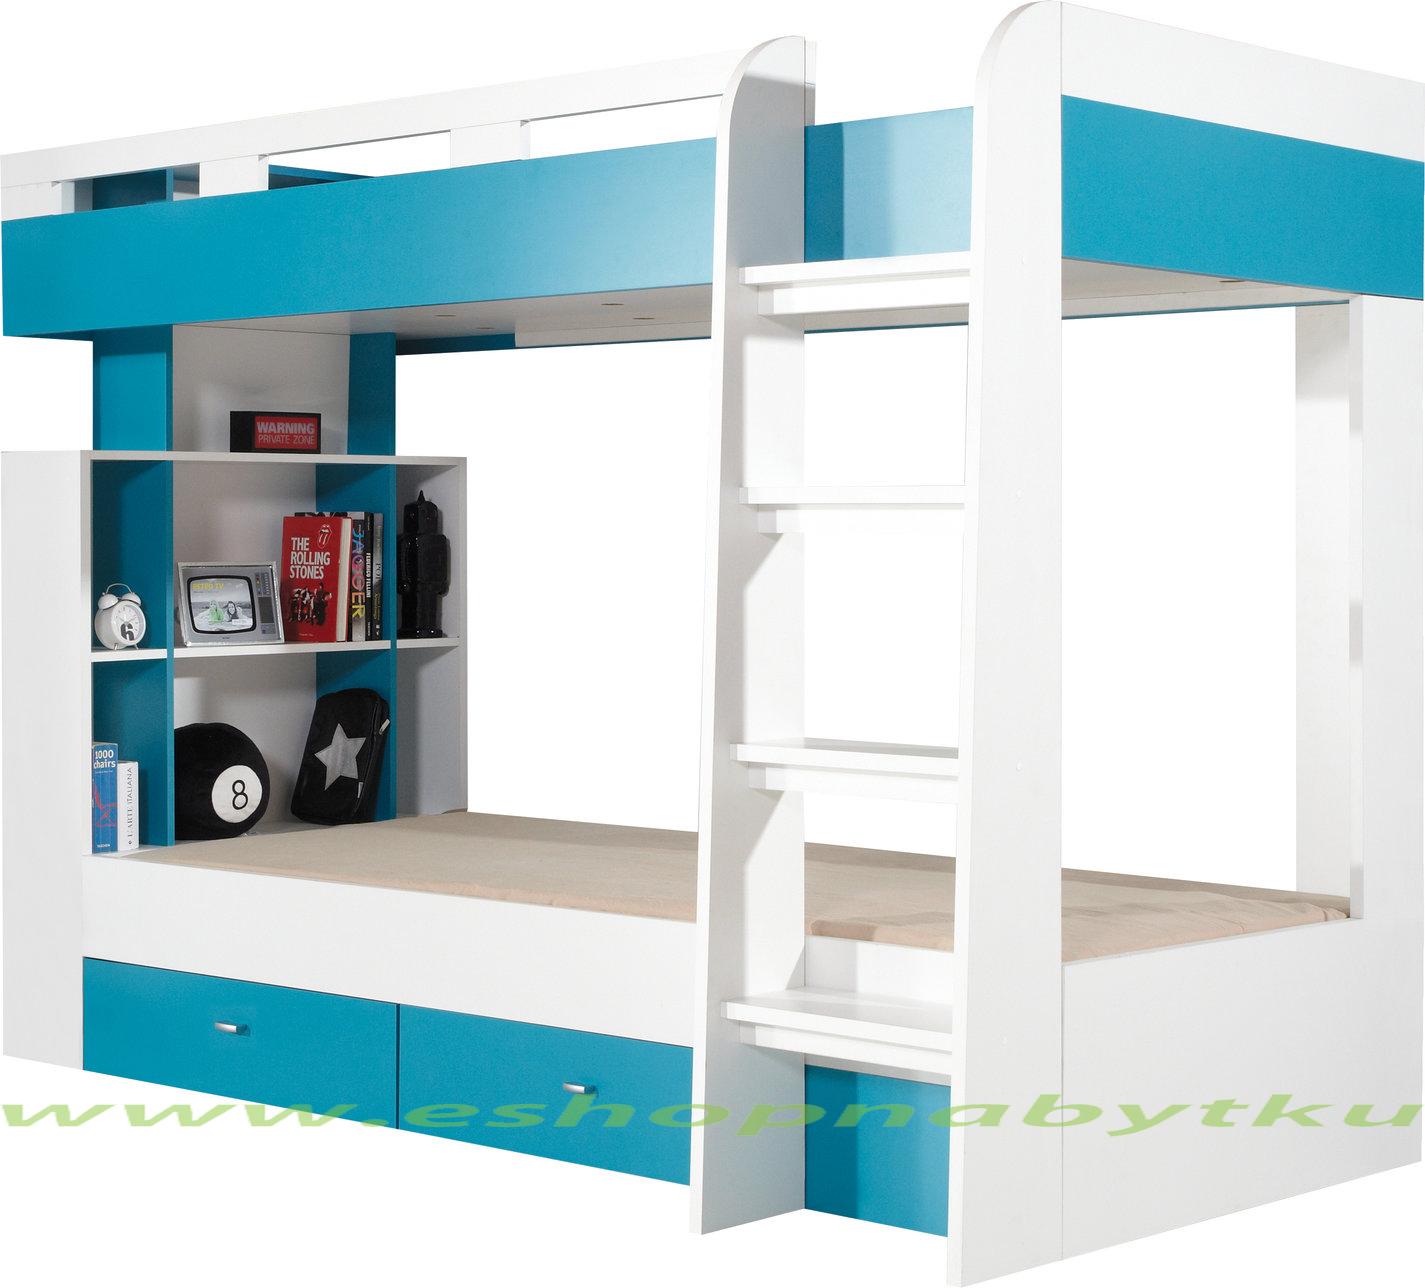 c17d04cbc63c3 Študentská /detská poschodová posteľ s úložným priestorom Poly 19